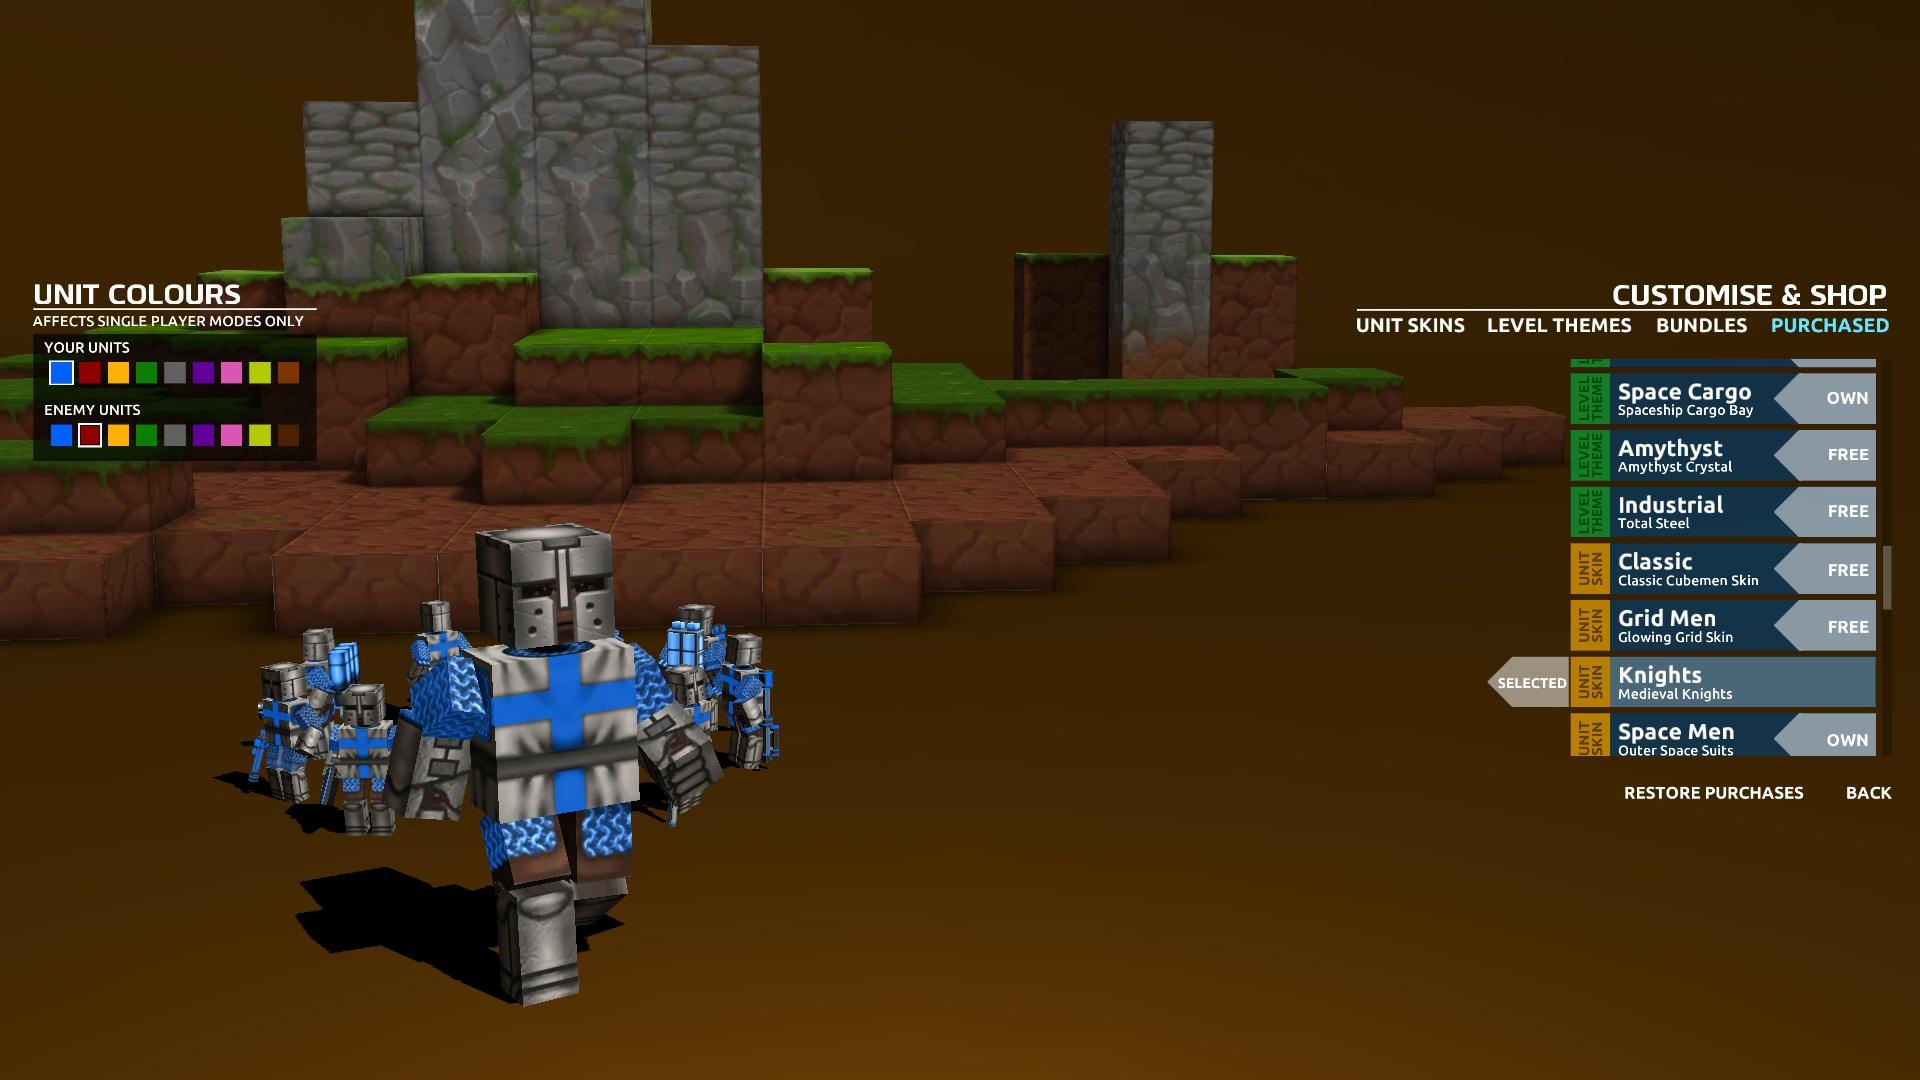 В комплект Cubemen 2 входит громадный пак «шкурок» для локаций и воителей. Например, можно с помощью крестоносцев защищать от вторжения зомби лунные кратеры или стравливать роботов с тайными агентами в мире Minecraft. К сожалению, выглядит все это жутковато – на кубики натянуты текстуры не самого высокого качества.